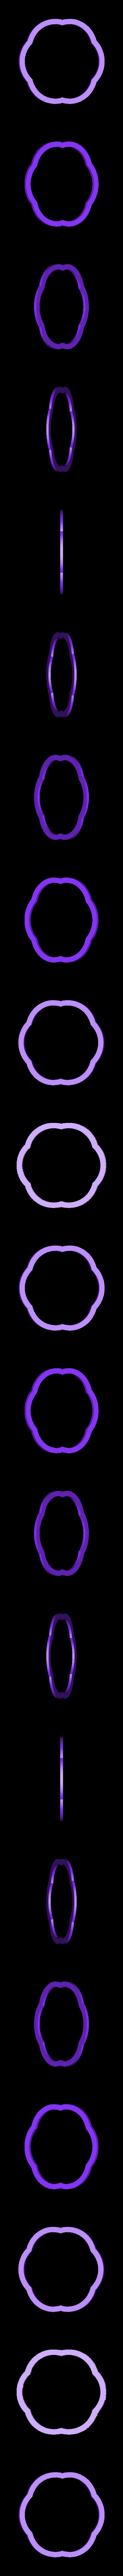 """bowl_4.stl Télécharger fichier STL gratuit Ensemble de cuisine """"Spring"""" • Plan à imprimer en 3D, TanyaAkinora"""